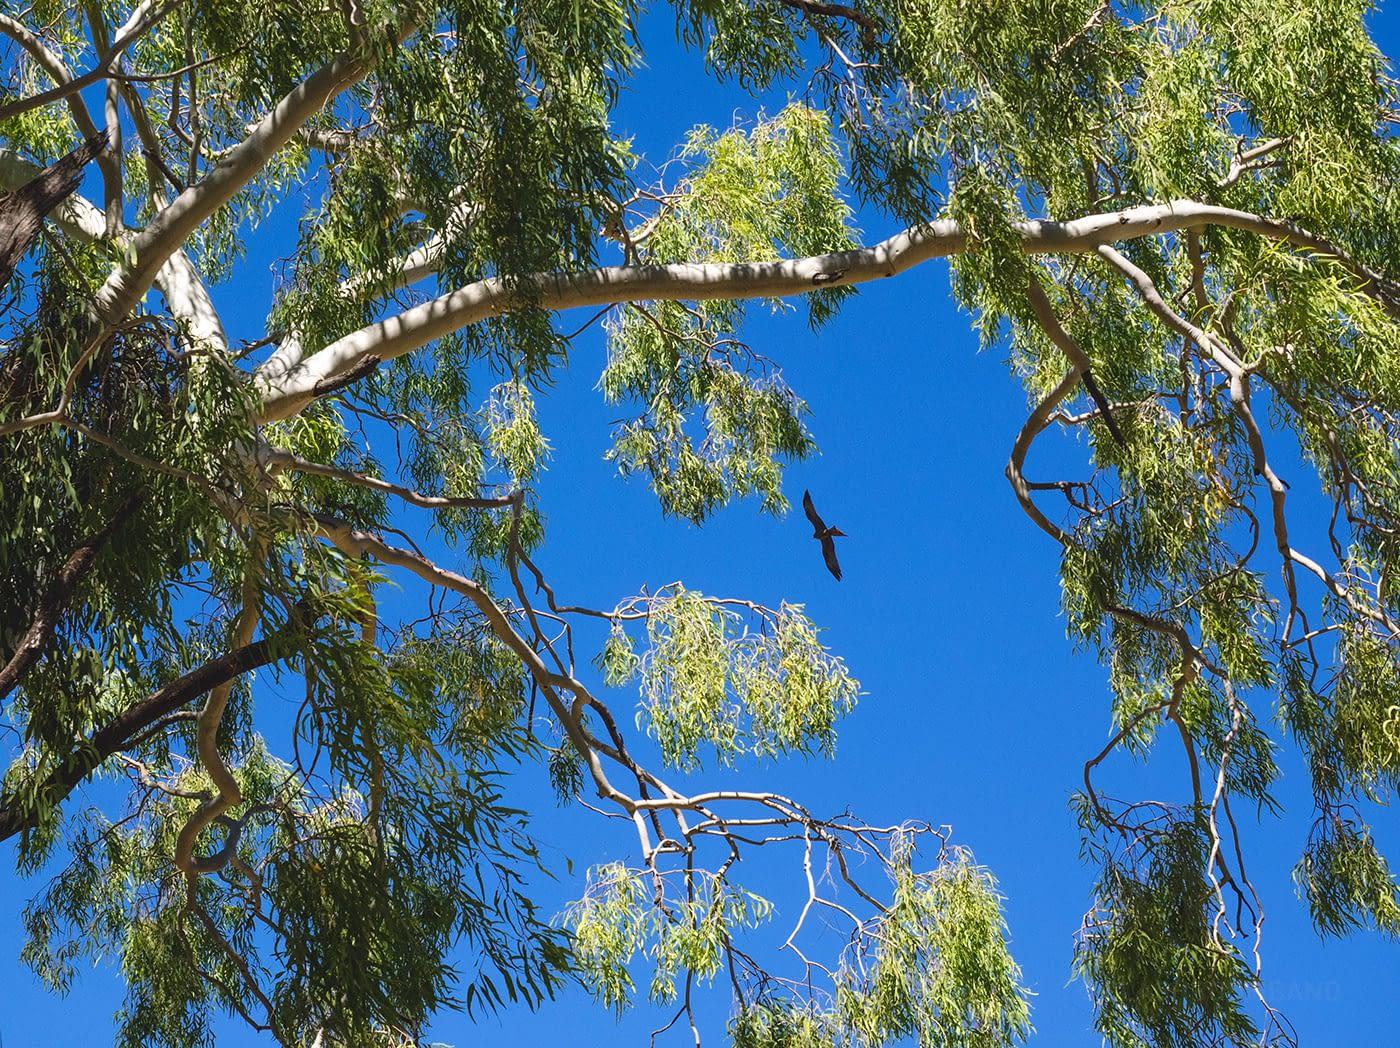 NT Australia - Mataranka - Eagles